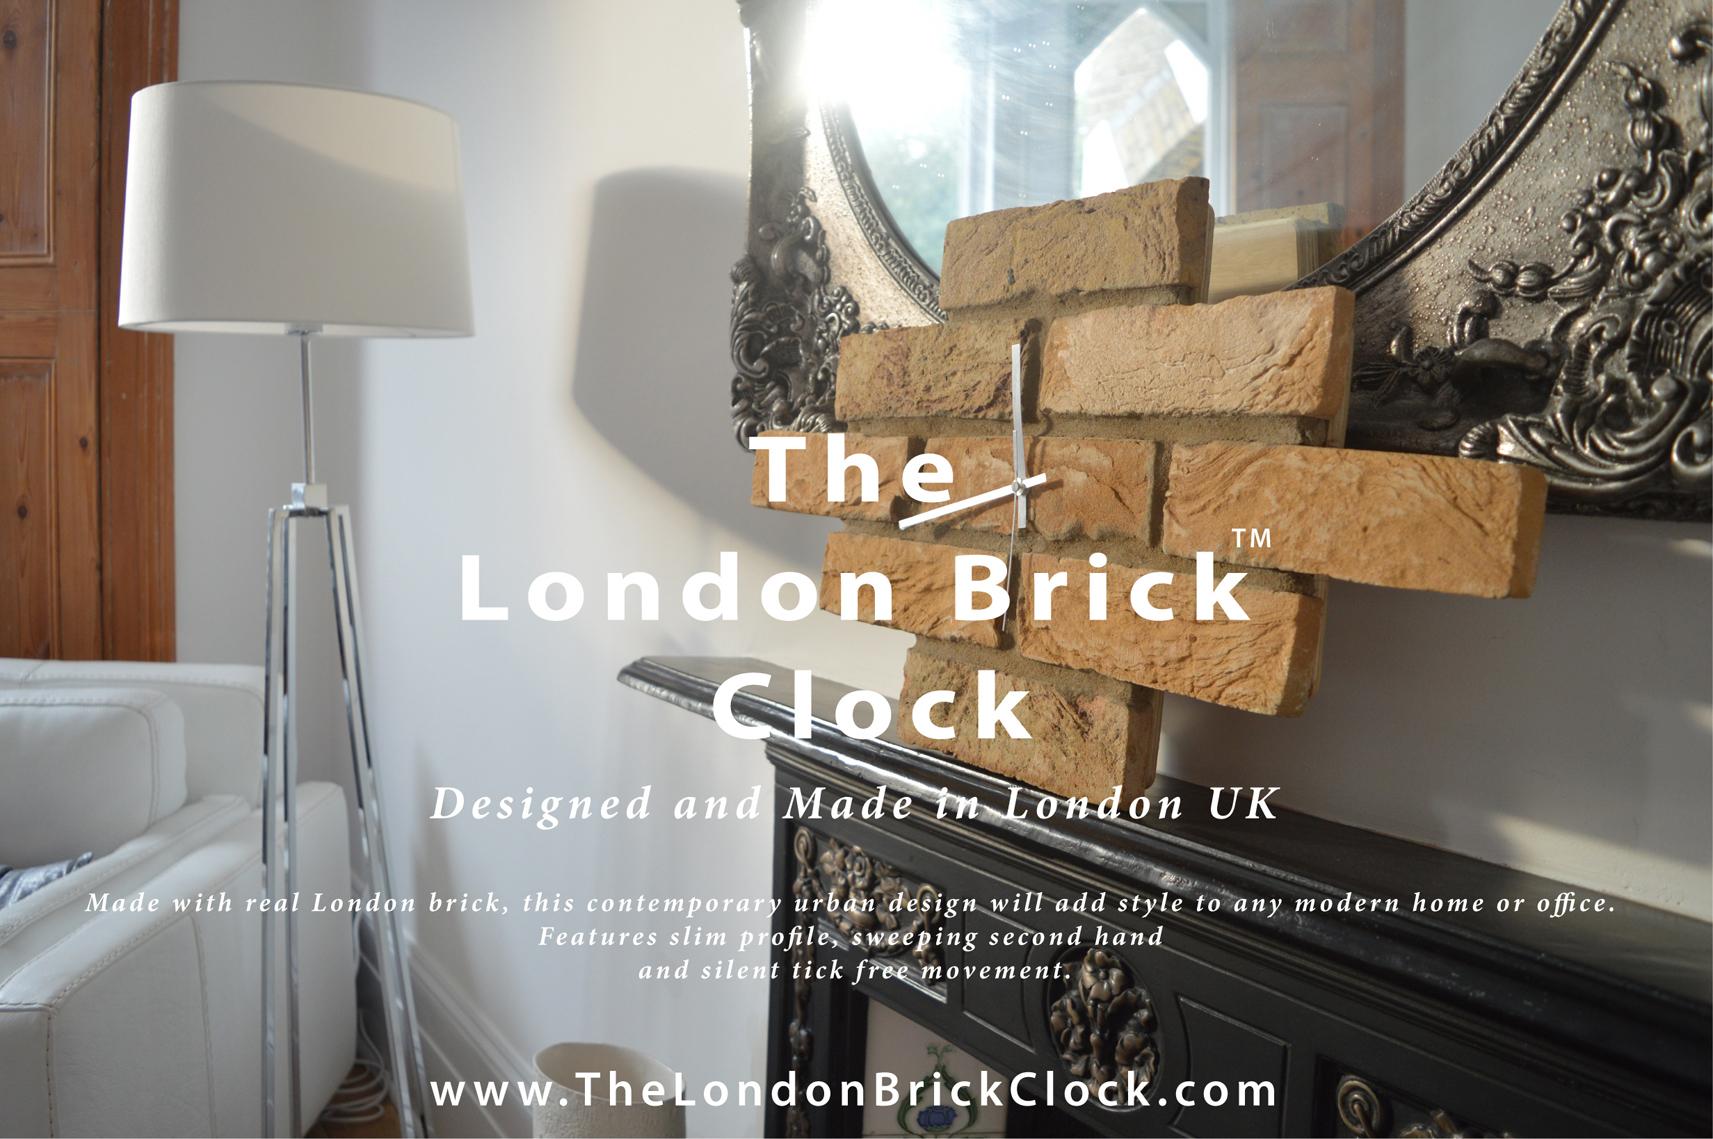 The London Brick Clock